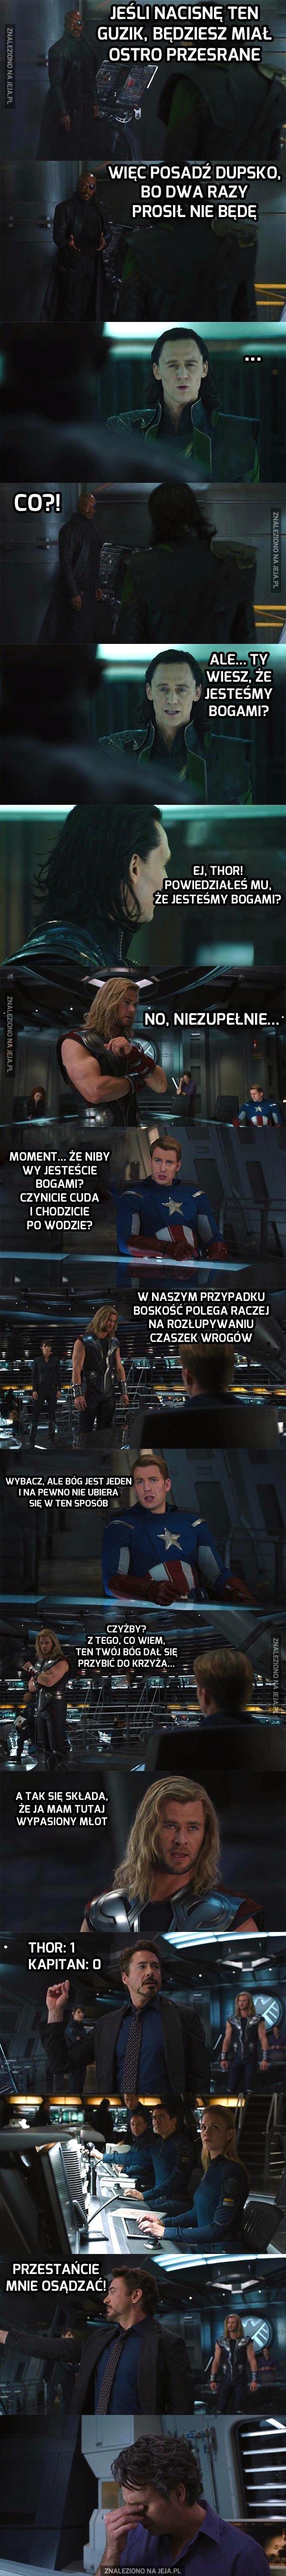 Wiadomo, o czym będzie Avengers 3